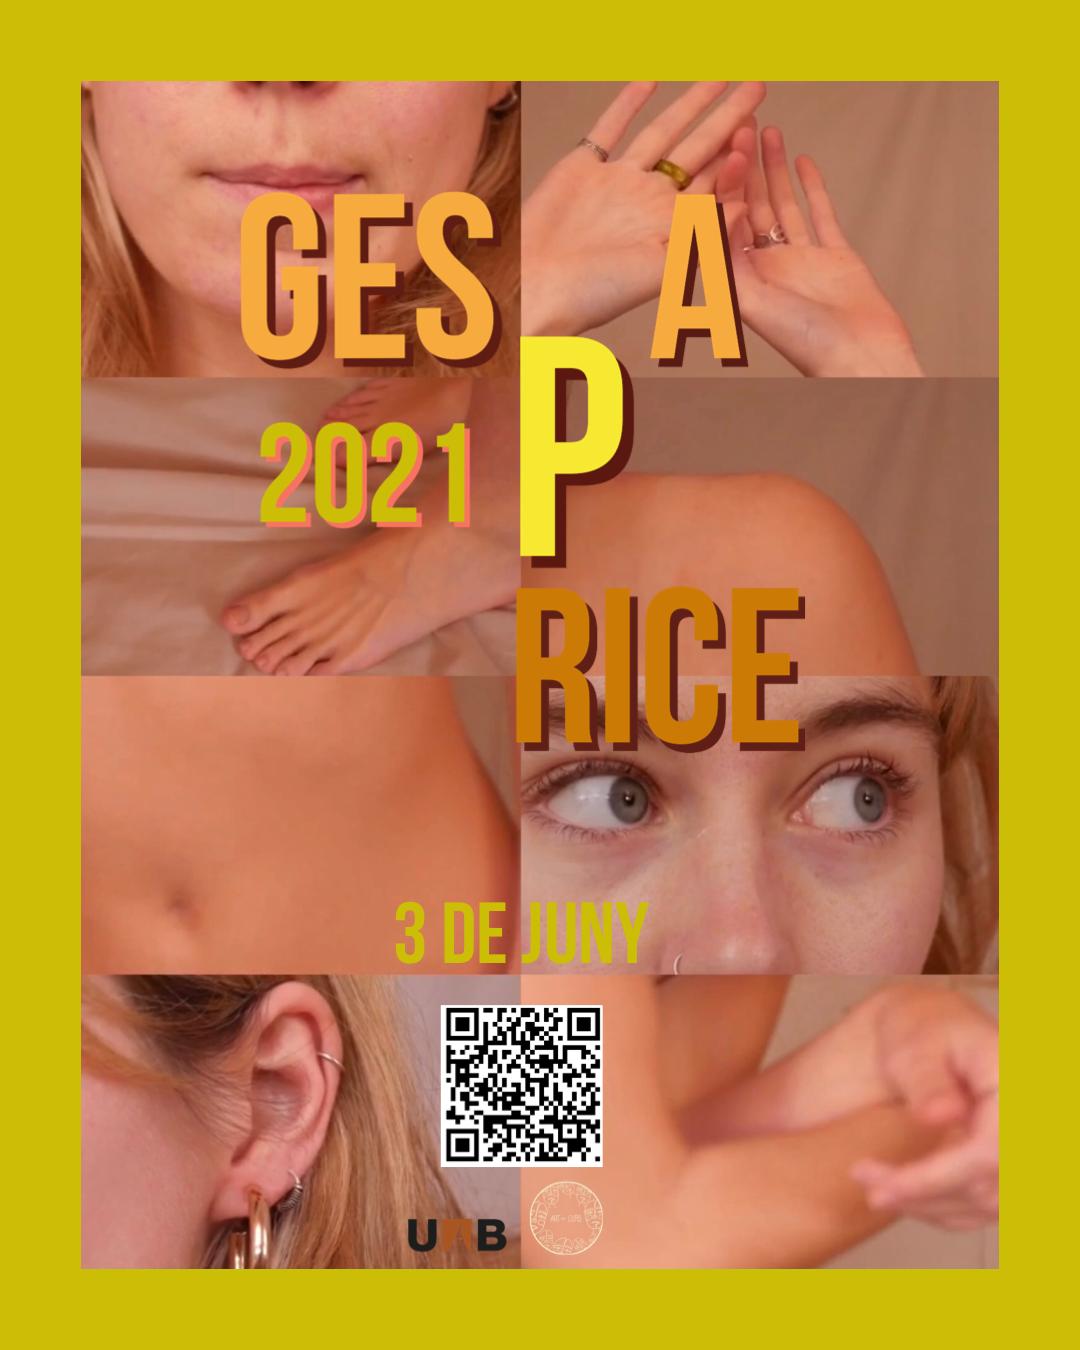 09254C27-F47C-4F1E-8EB0-F2F8FE93726C